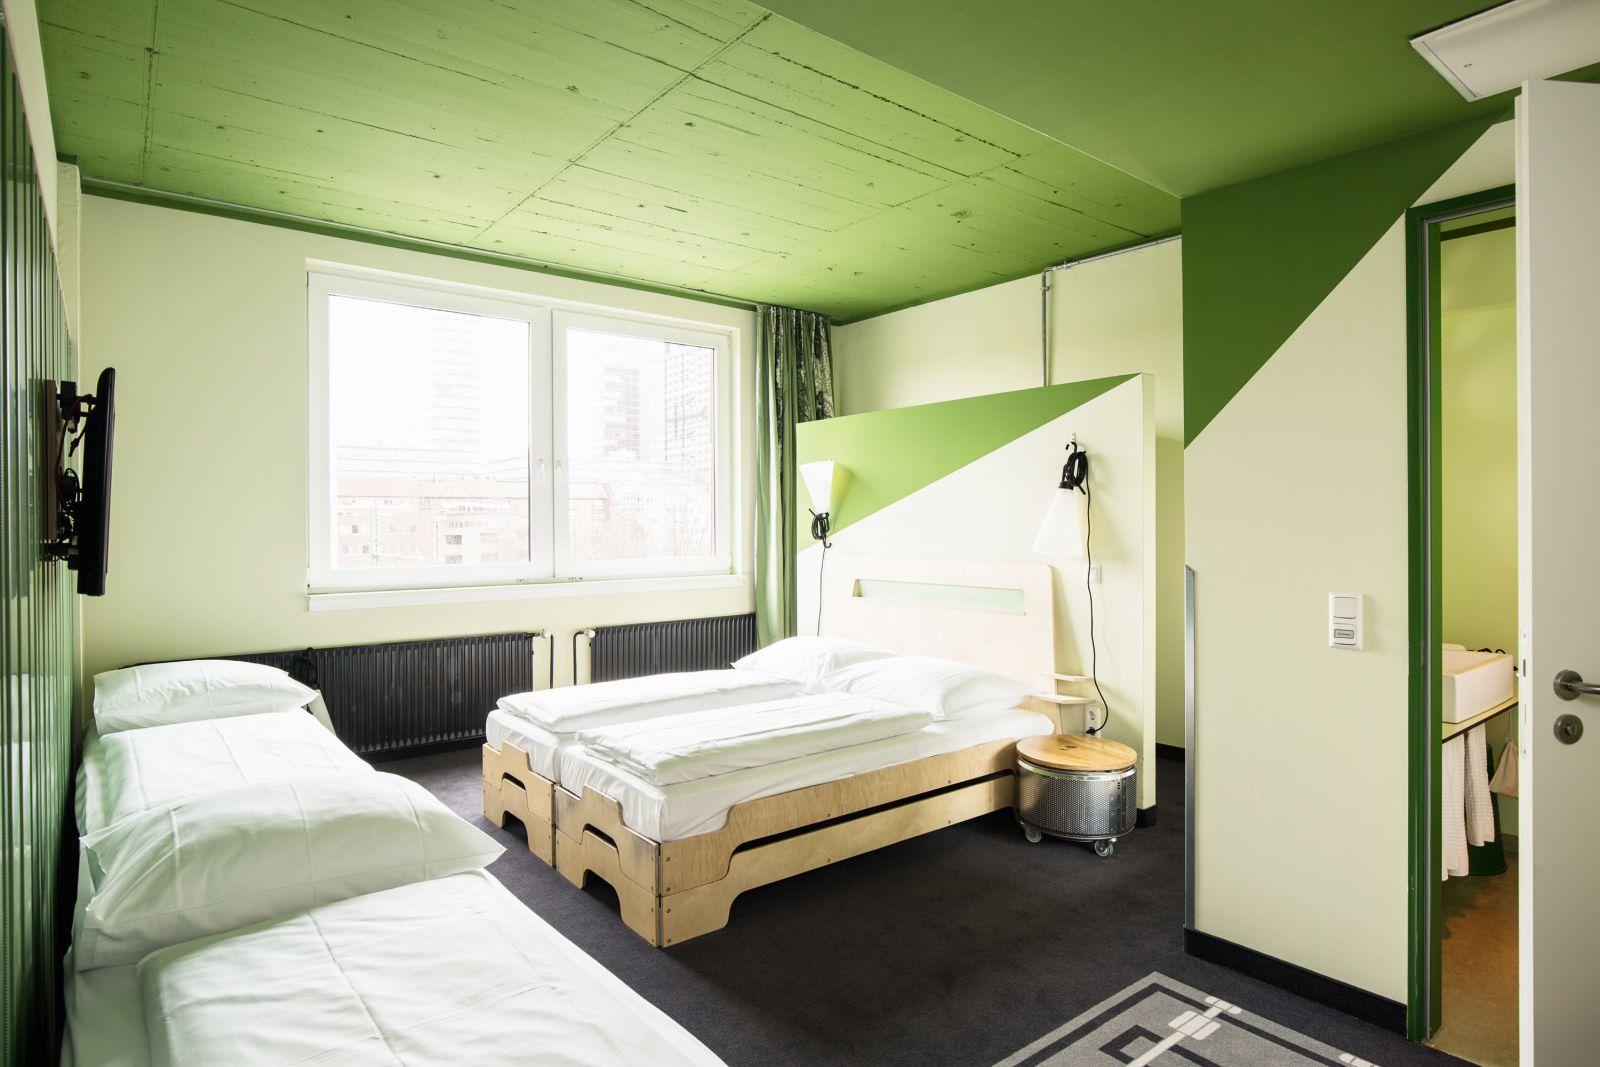 Vierbettbude ▻ Hostel Hamburg St. Georg ☆ Superbude